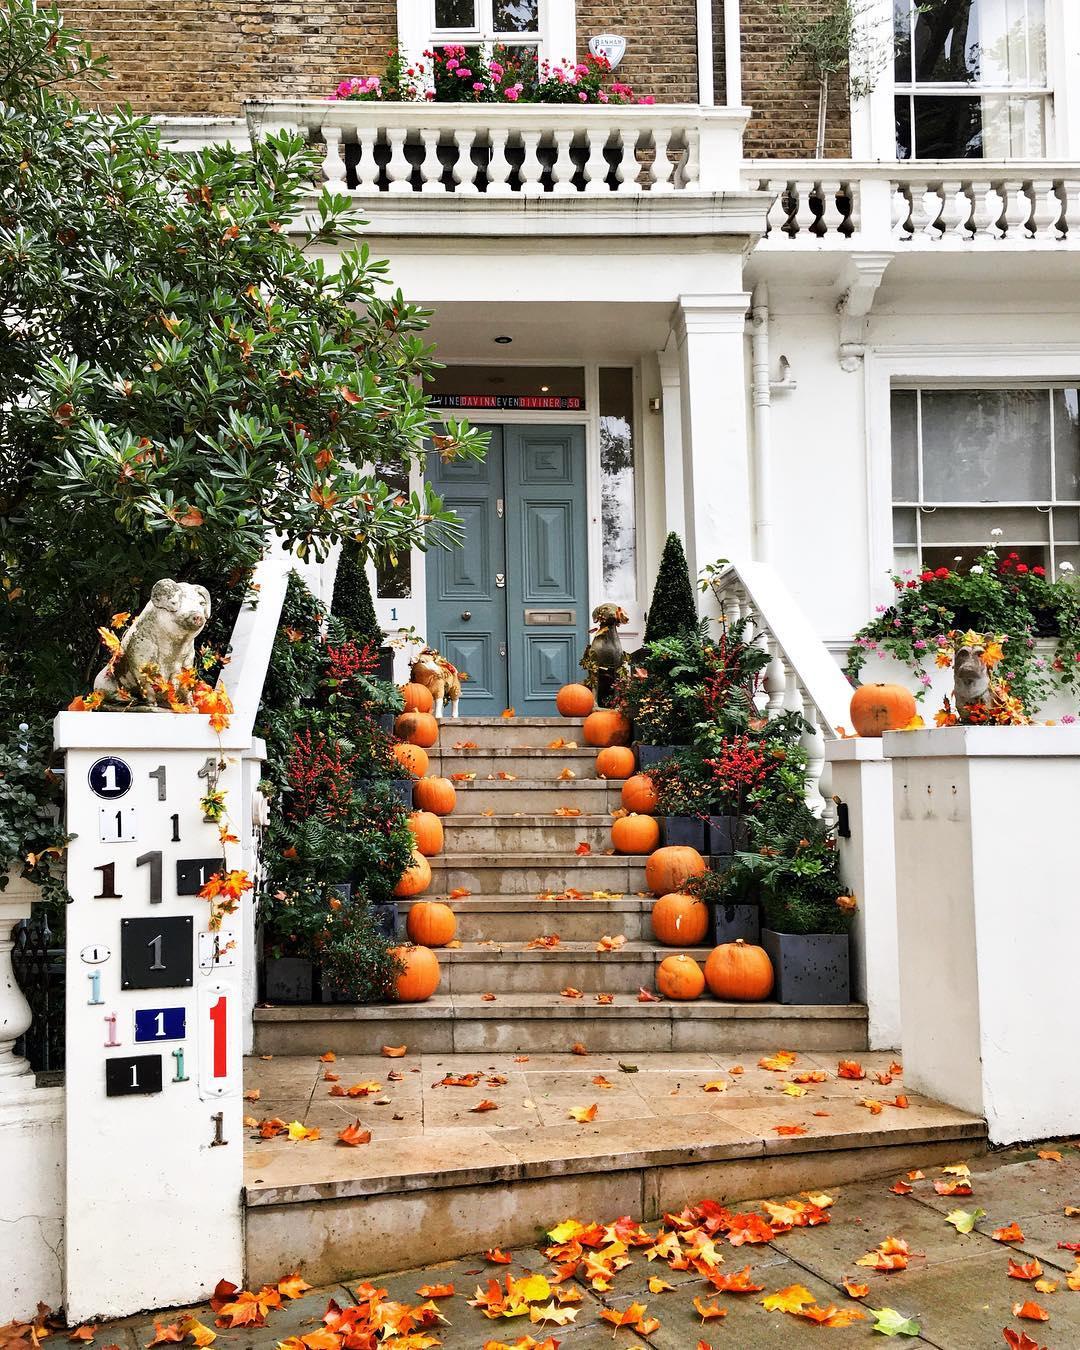 Notting Hill London autumn photo - mylifestylememoir